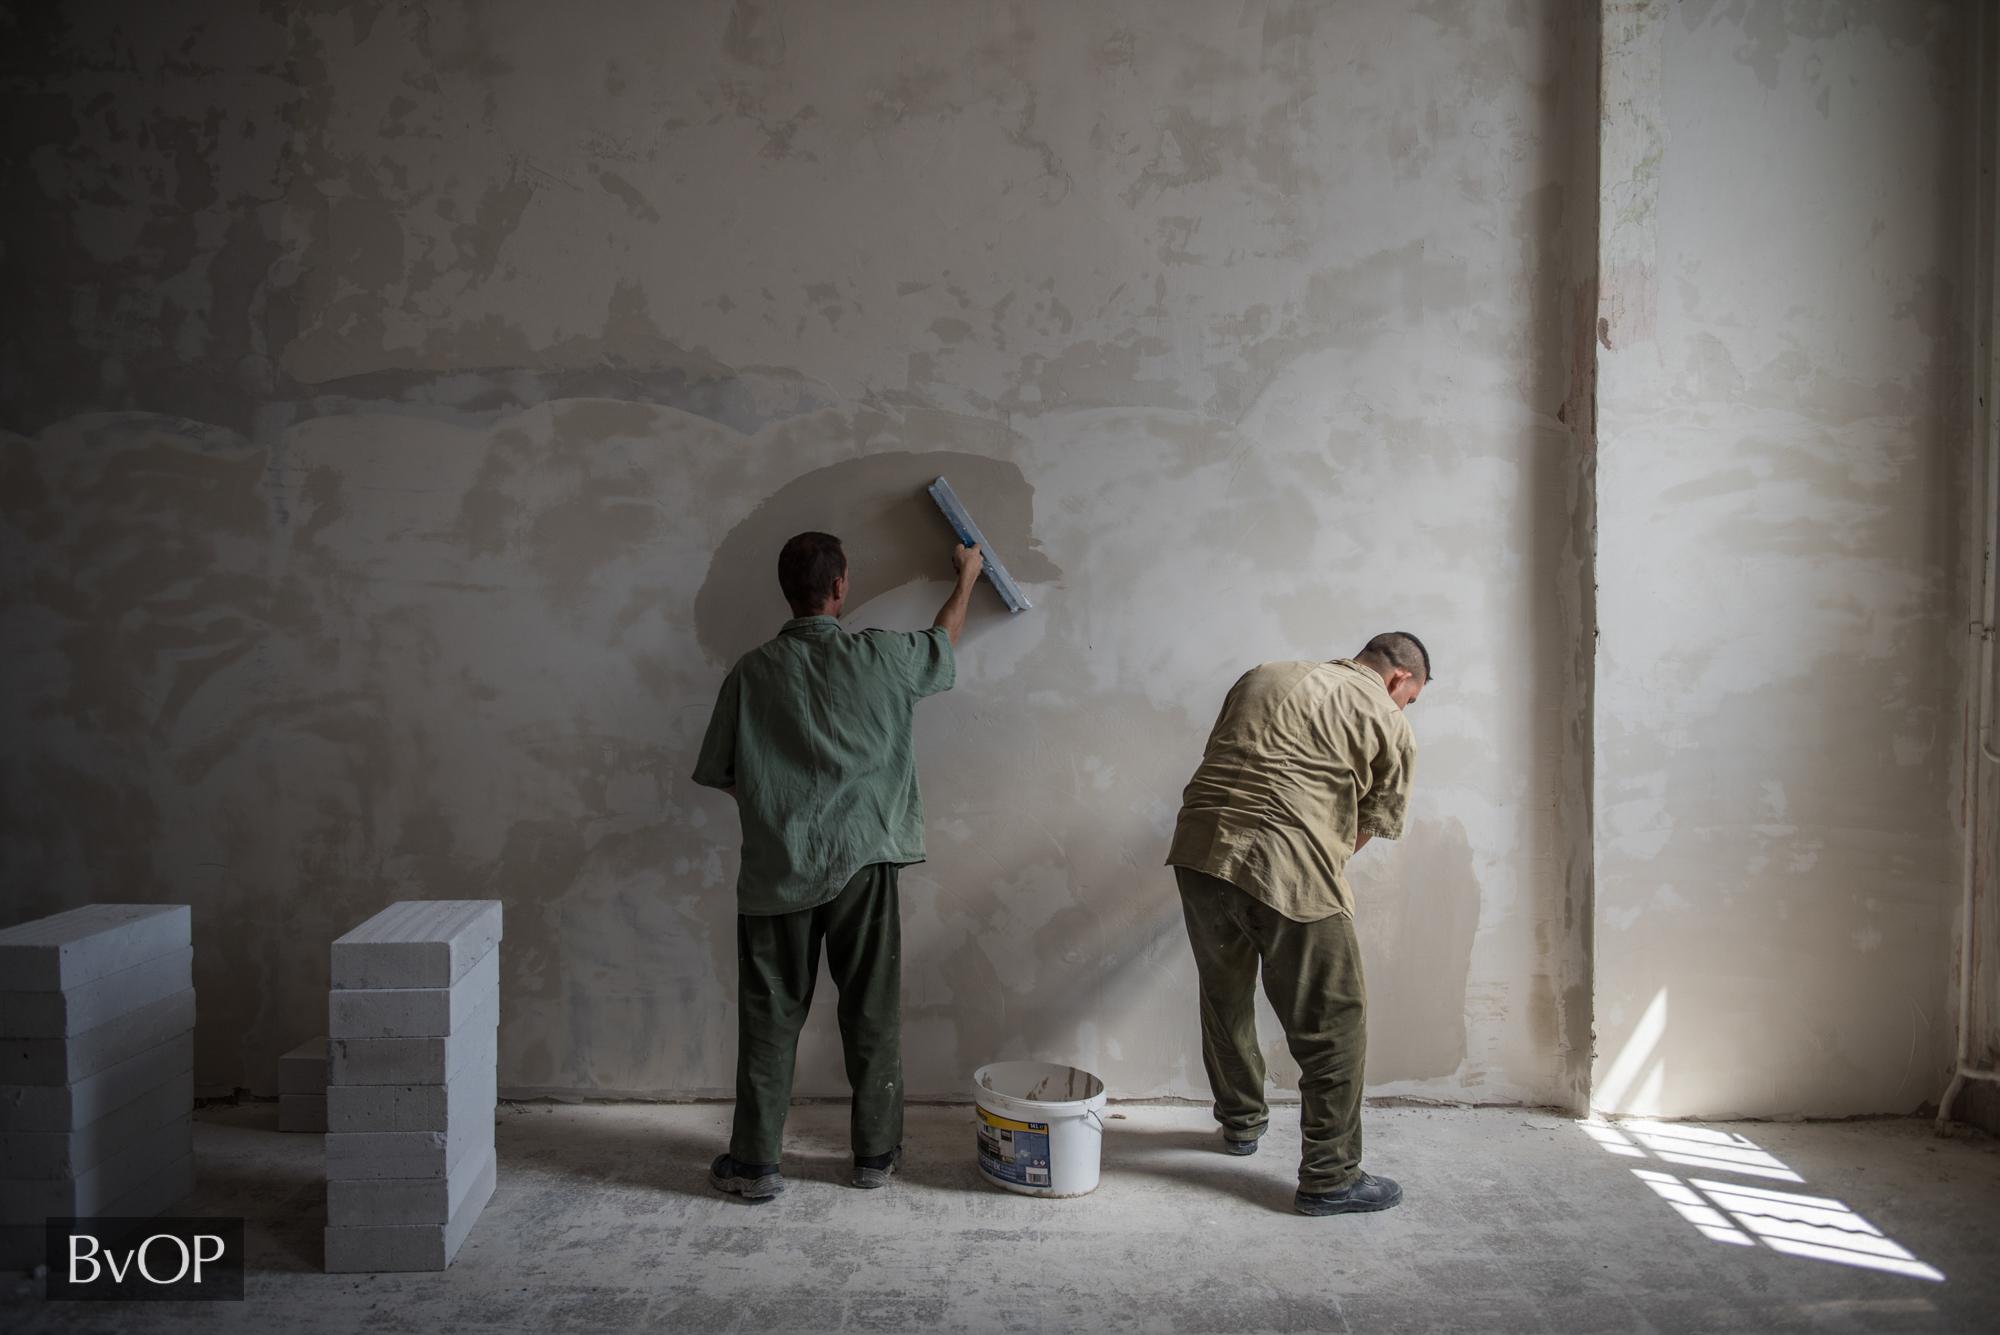 Fogvatartottak vakolják a börtön falát